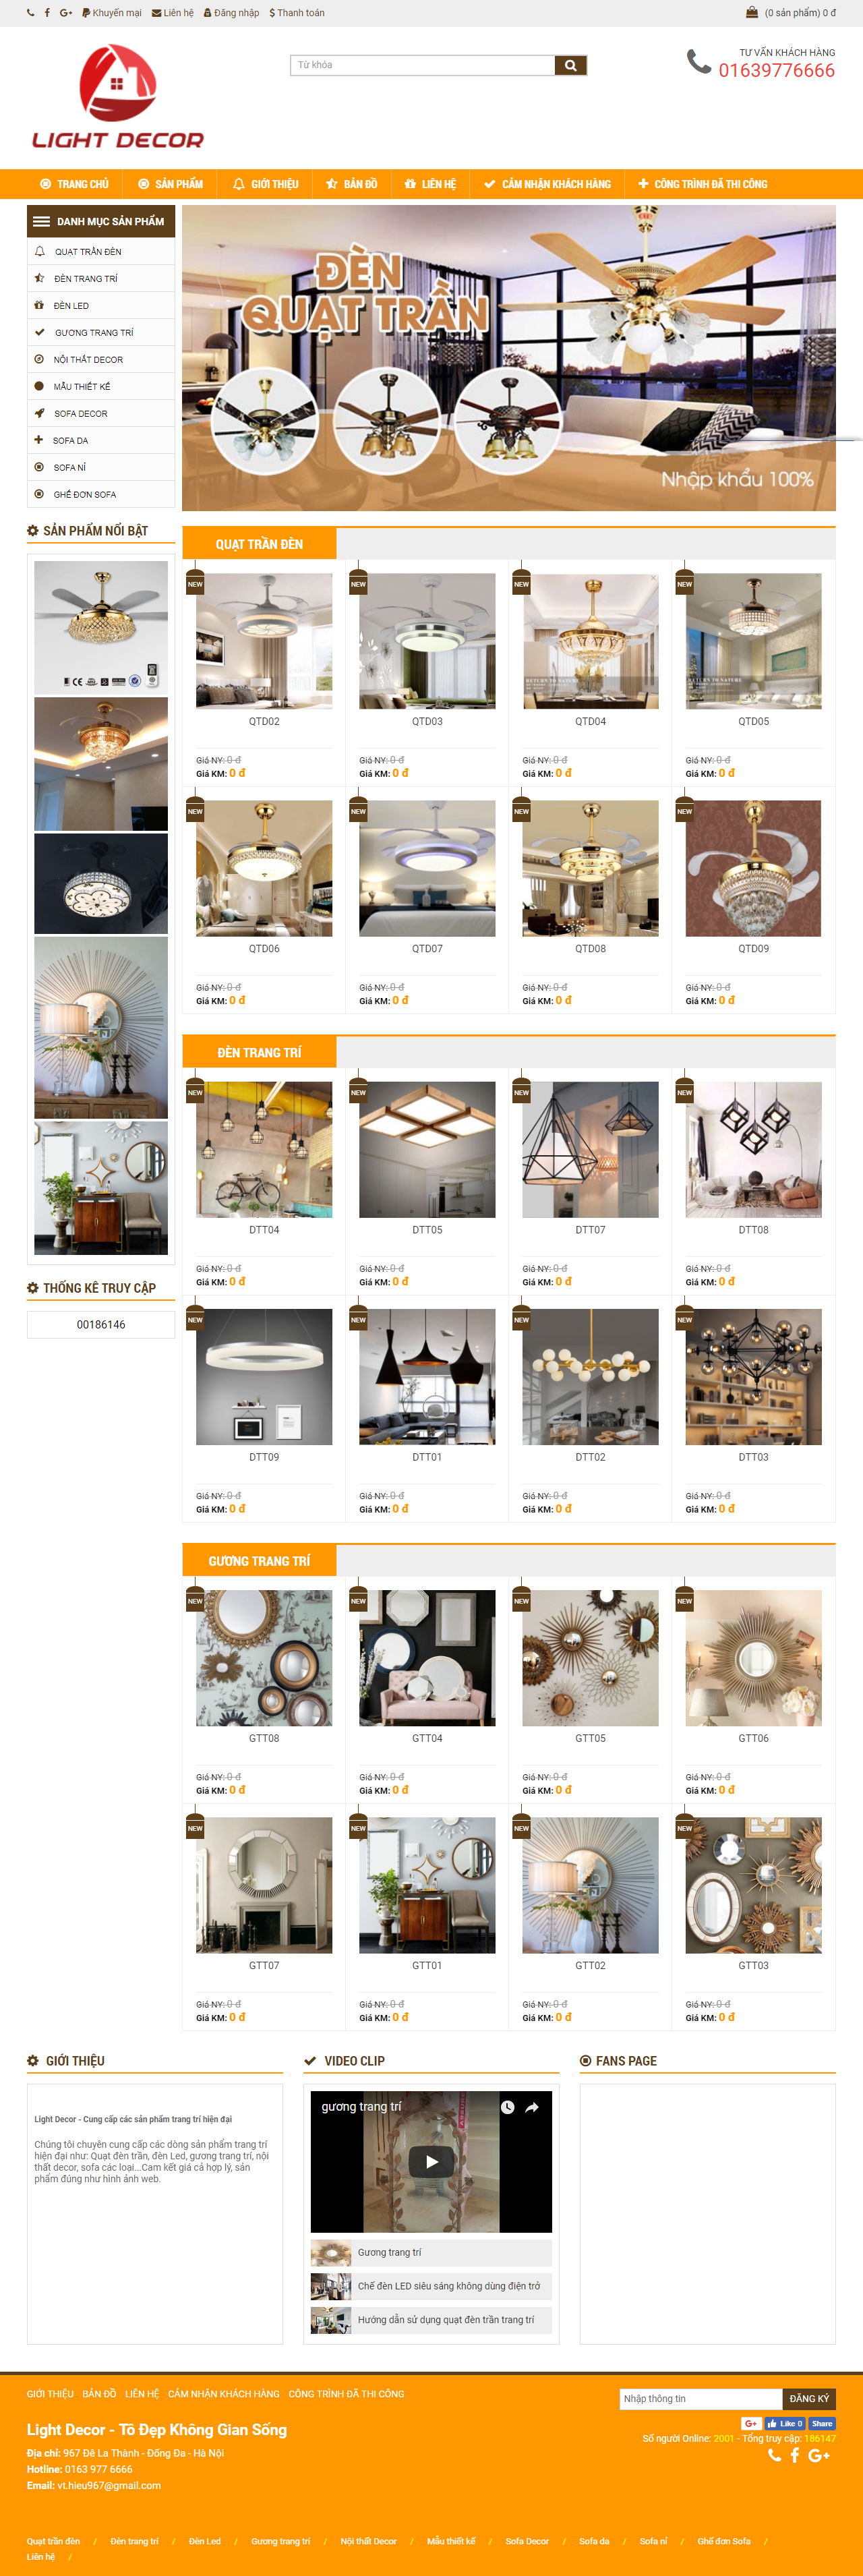 Thiết kế web giá rẻ bán quạt điện